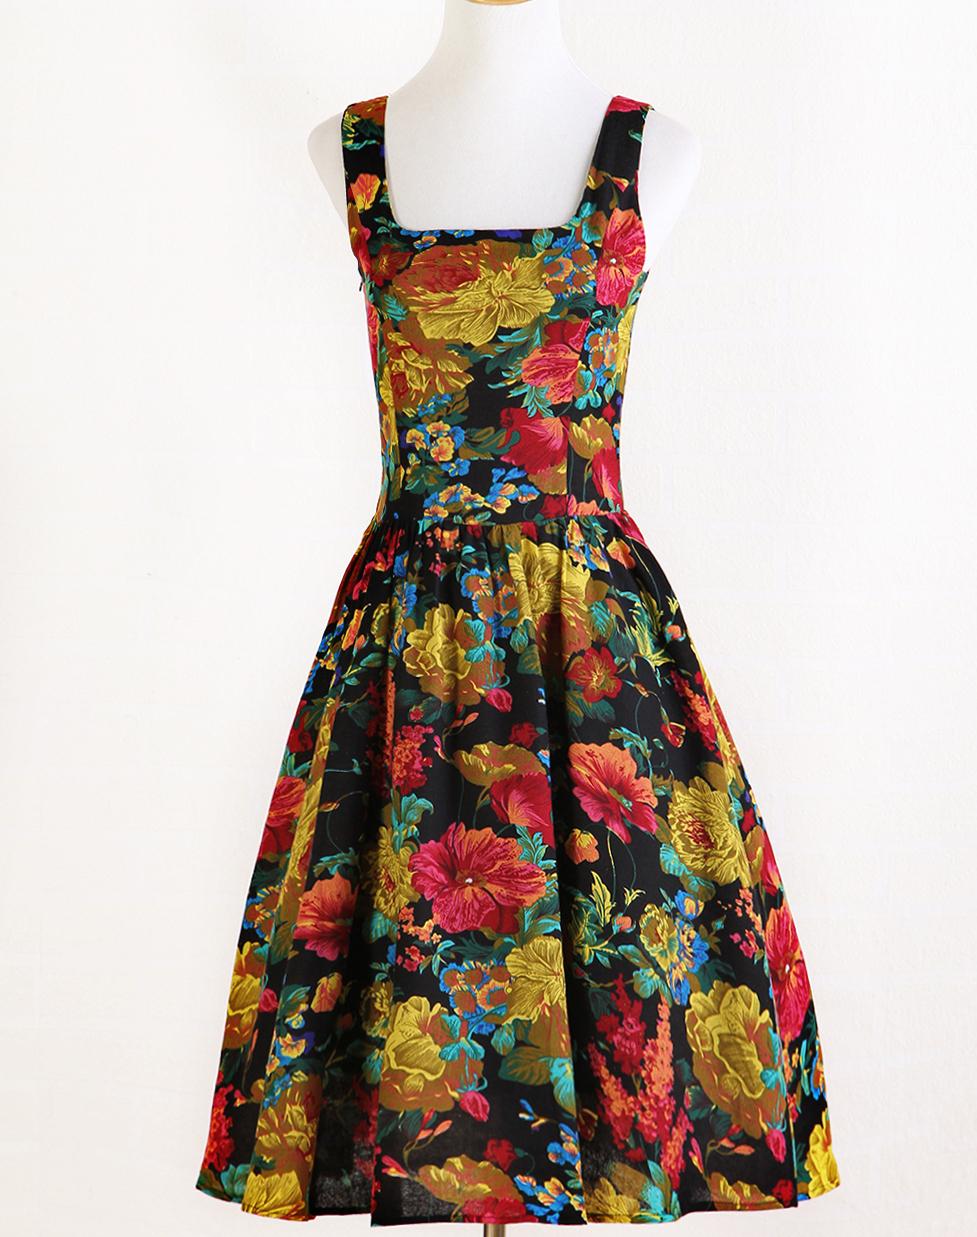 d7c0d0355d 1950 s retro online shoing clothing sleeveless fashion vintage plus size  unique design casual dresses